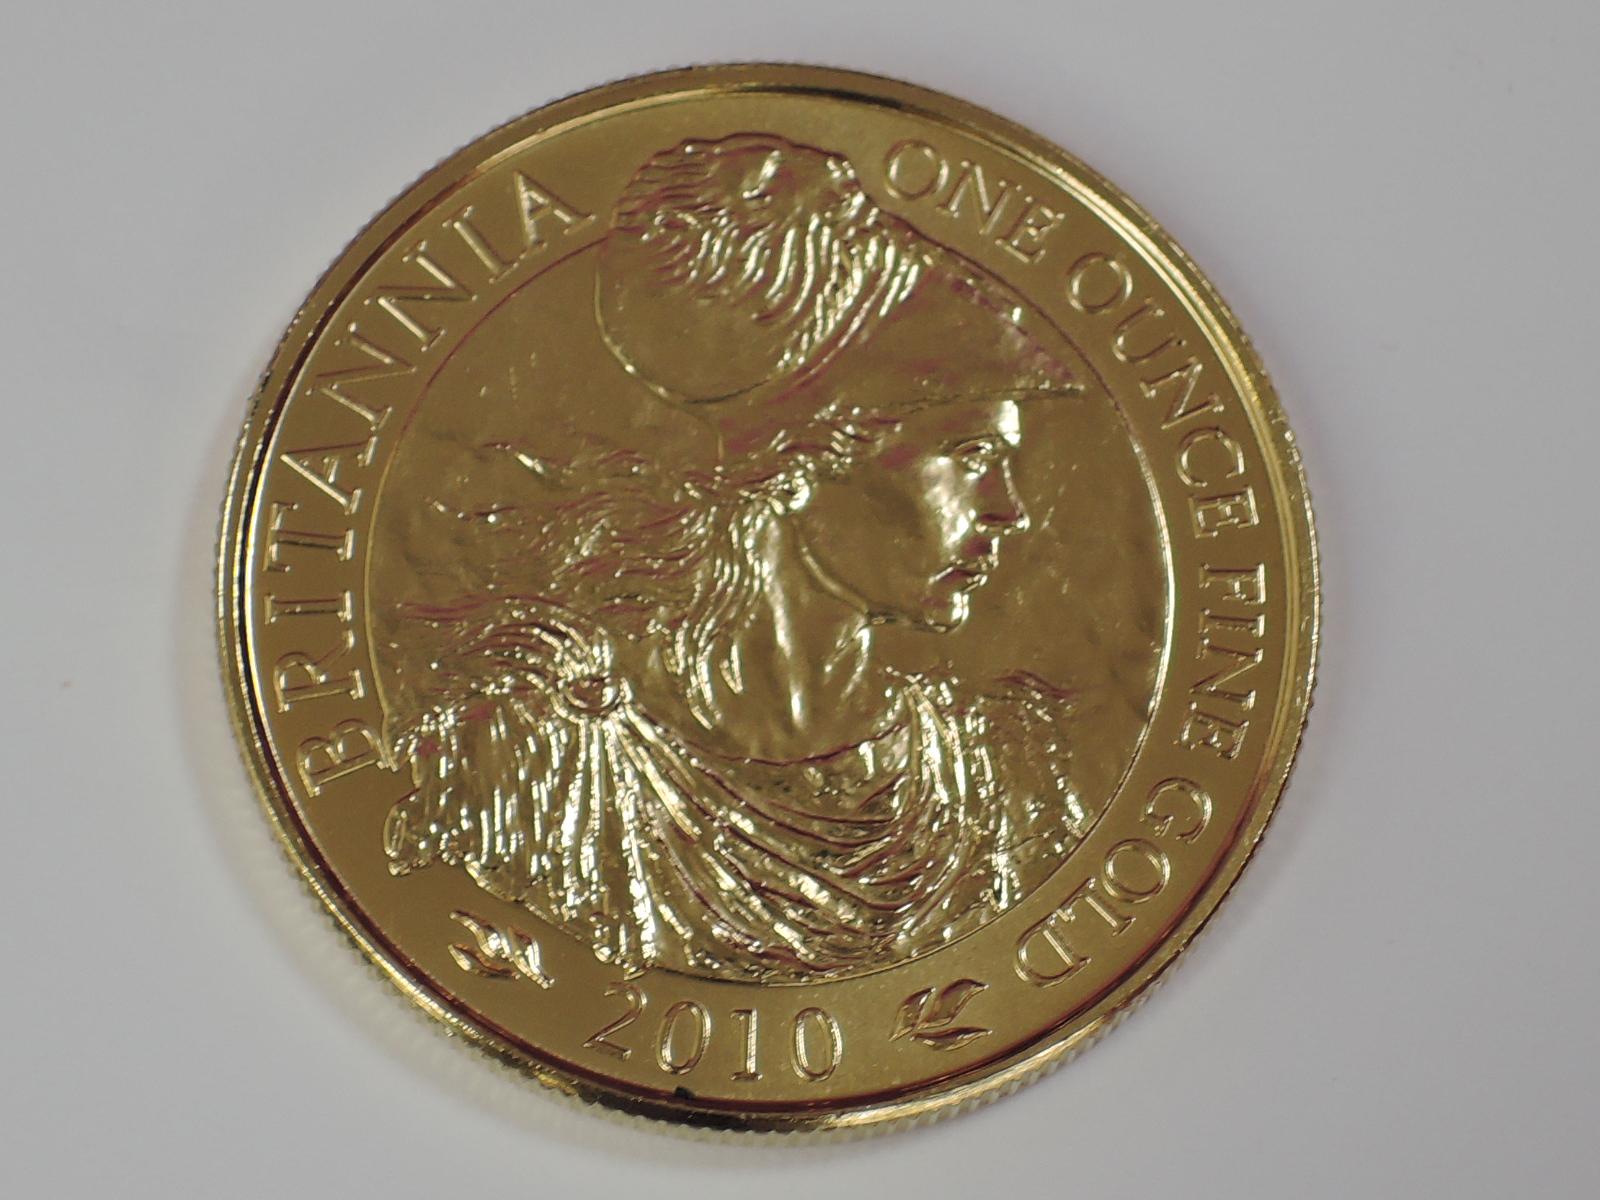 Lot 640 - A gold 1oz 2010 Great Britain Britannia 100 pound coin, in plastic case